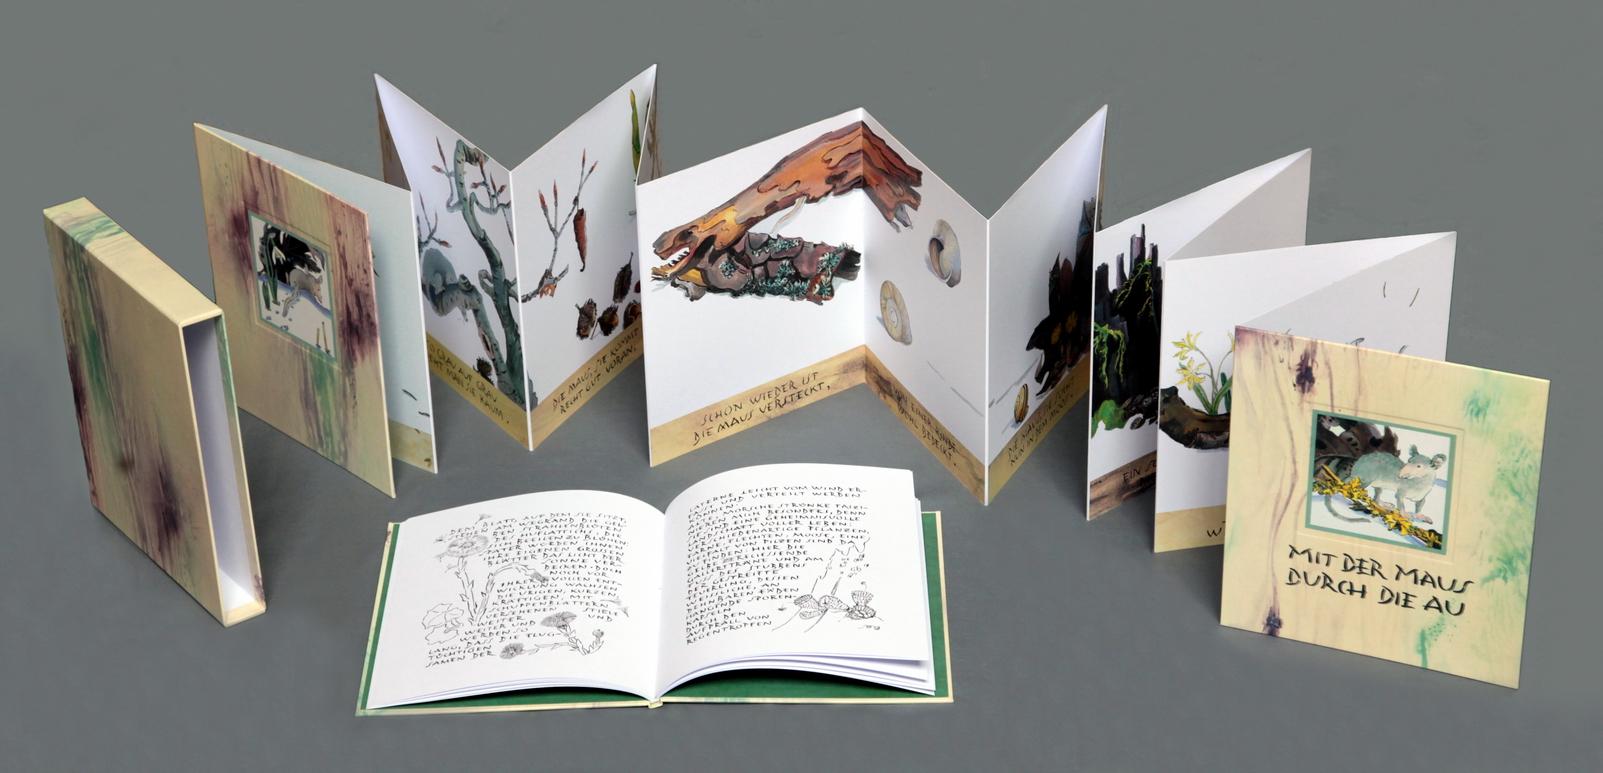 Mit der Maus durch die Au. Ein Faltbuch, nicht nur für Kinder!